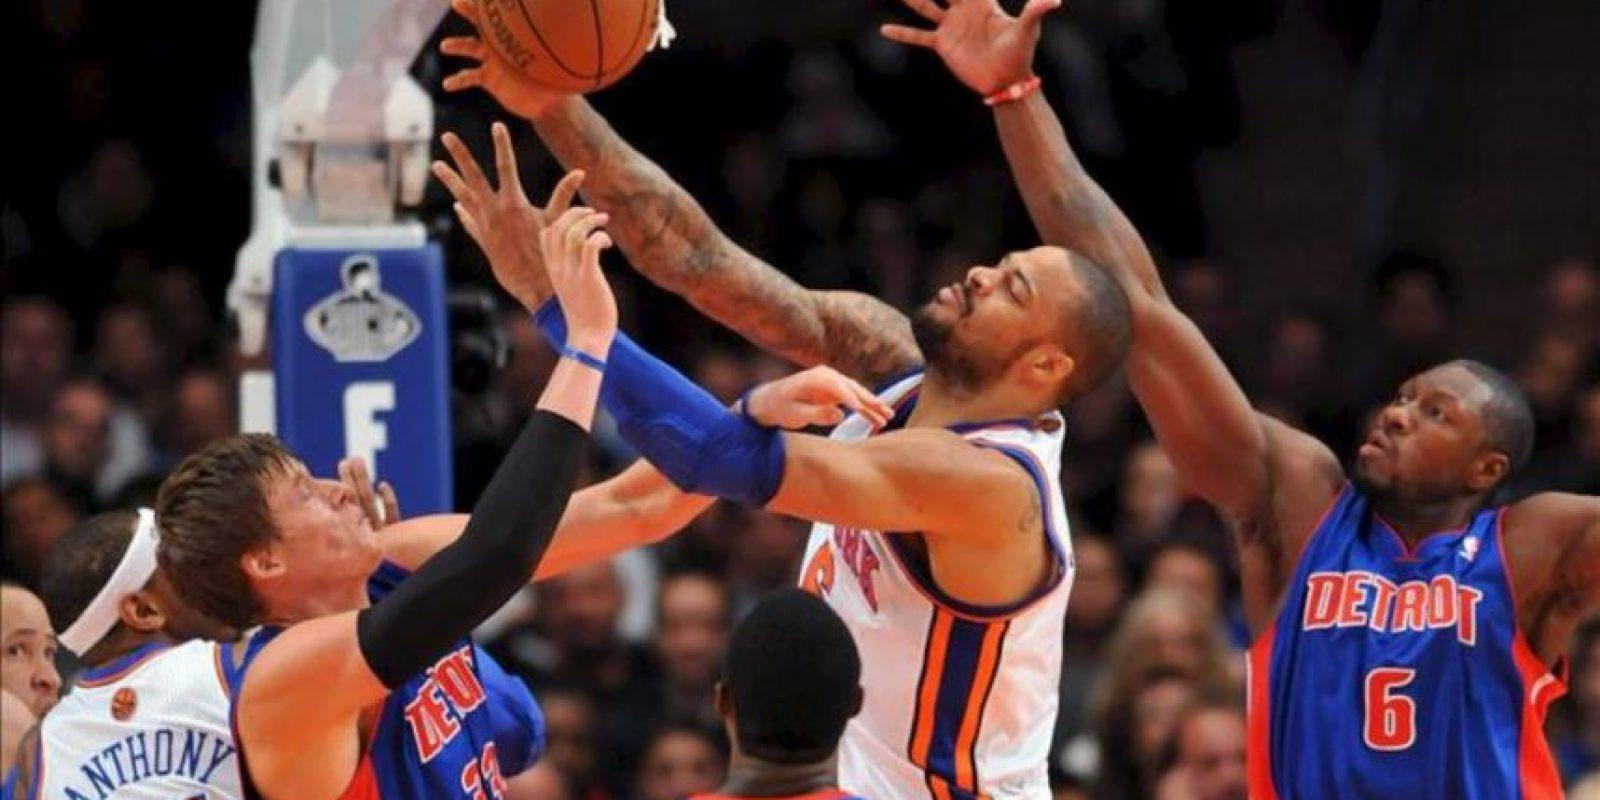 El jugador Tyson Chandler (c) de New York Knicks intenta atrapar el balón frente a Jonas Jerebko (i) y Ben Wallace de Detroit Pistons, durante un partido de la NBA disputado en el Madison Square Garden en Nueva York (EE.UU.). EFE